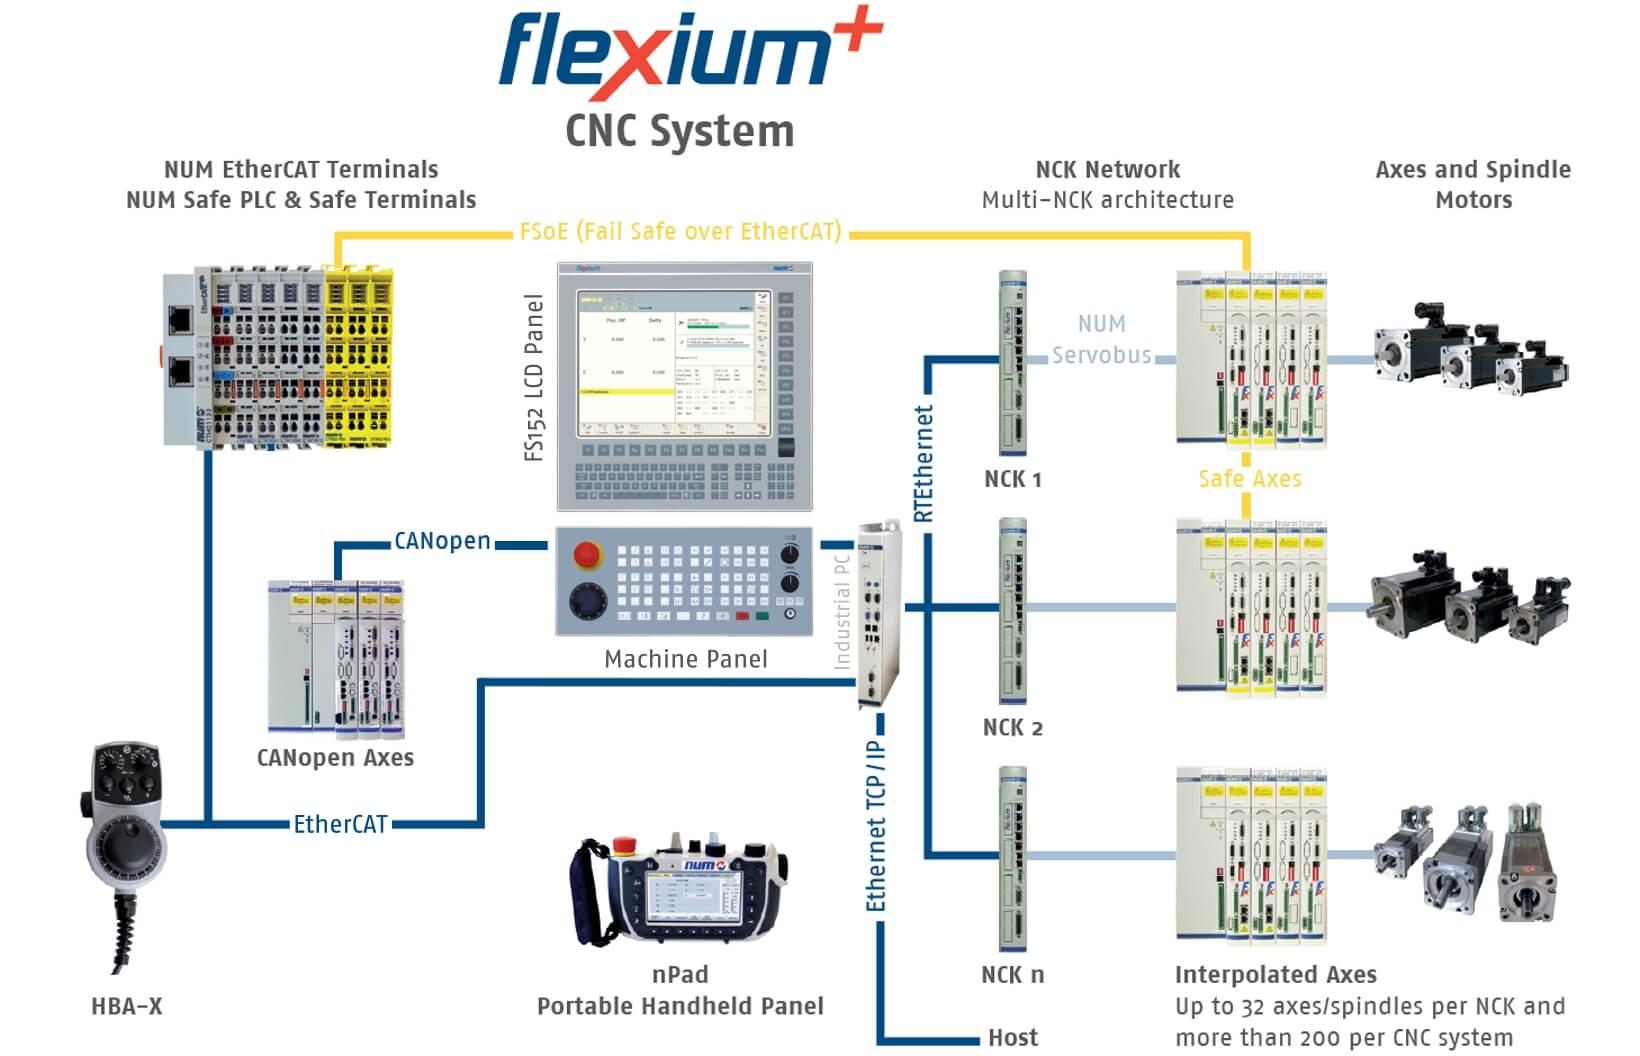 NUM CNC System